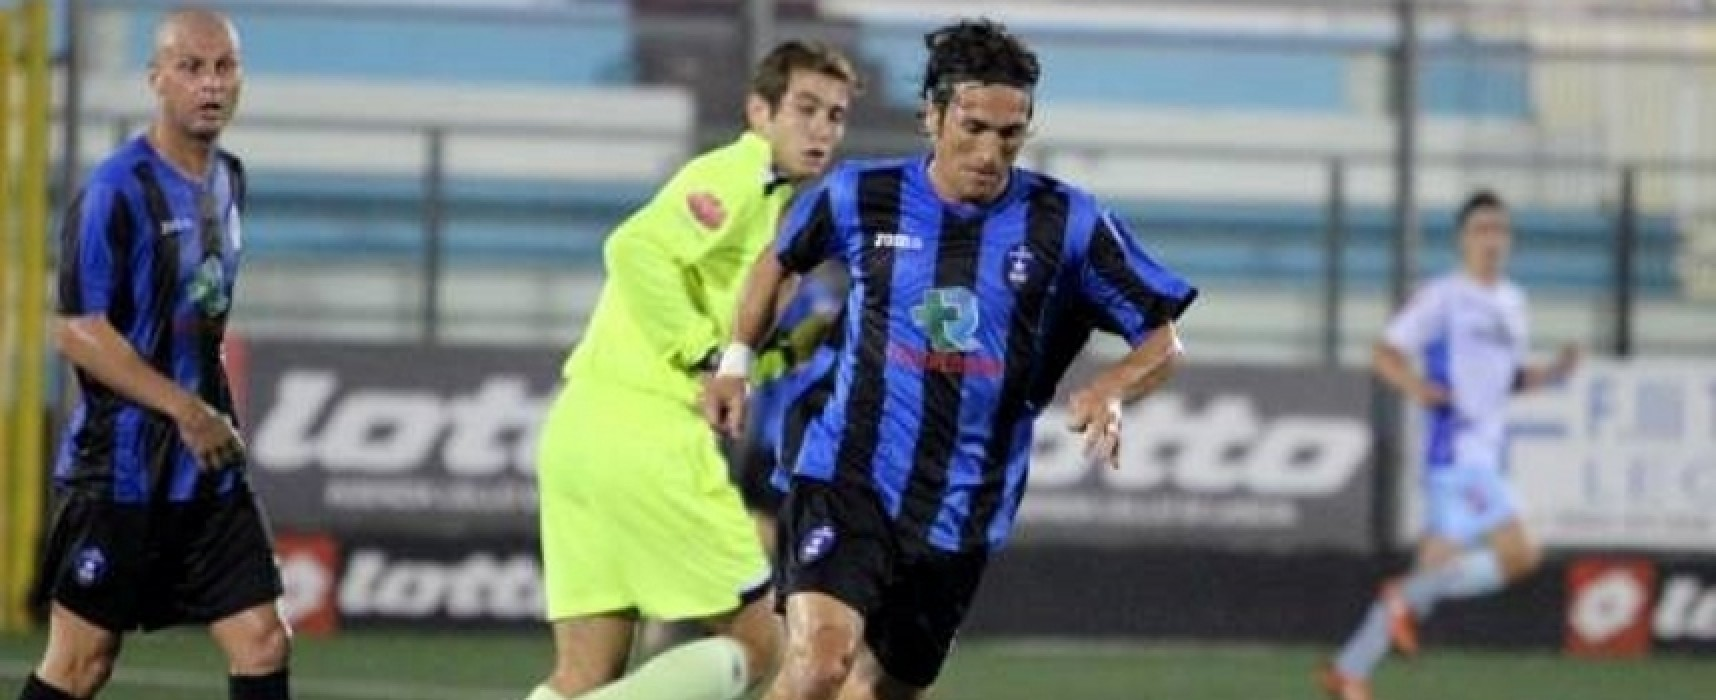 Unione Calcio: colpo a centrocampo, preso Nicola De Santis